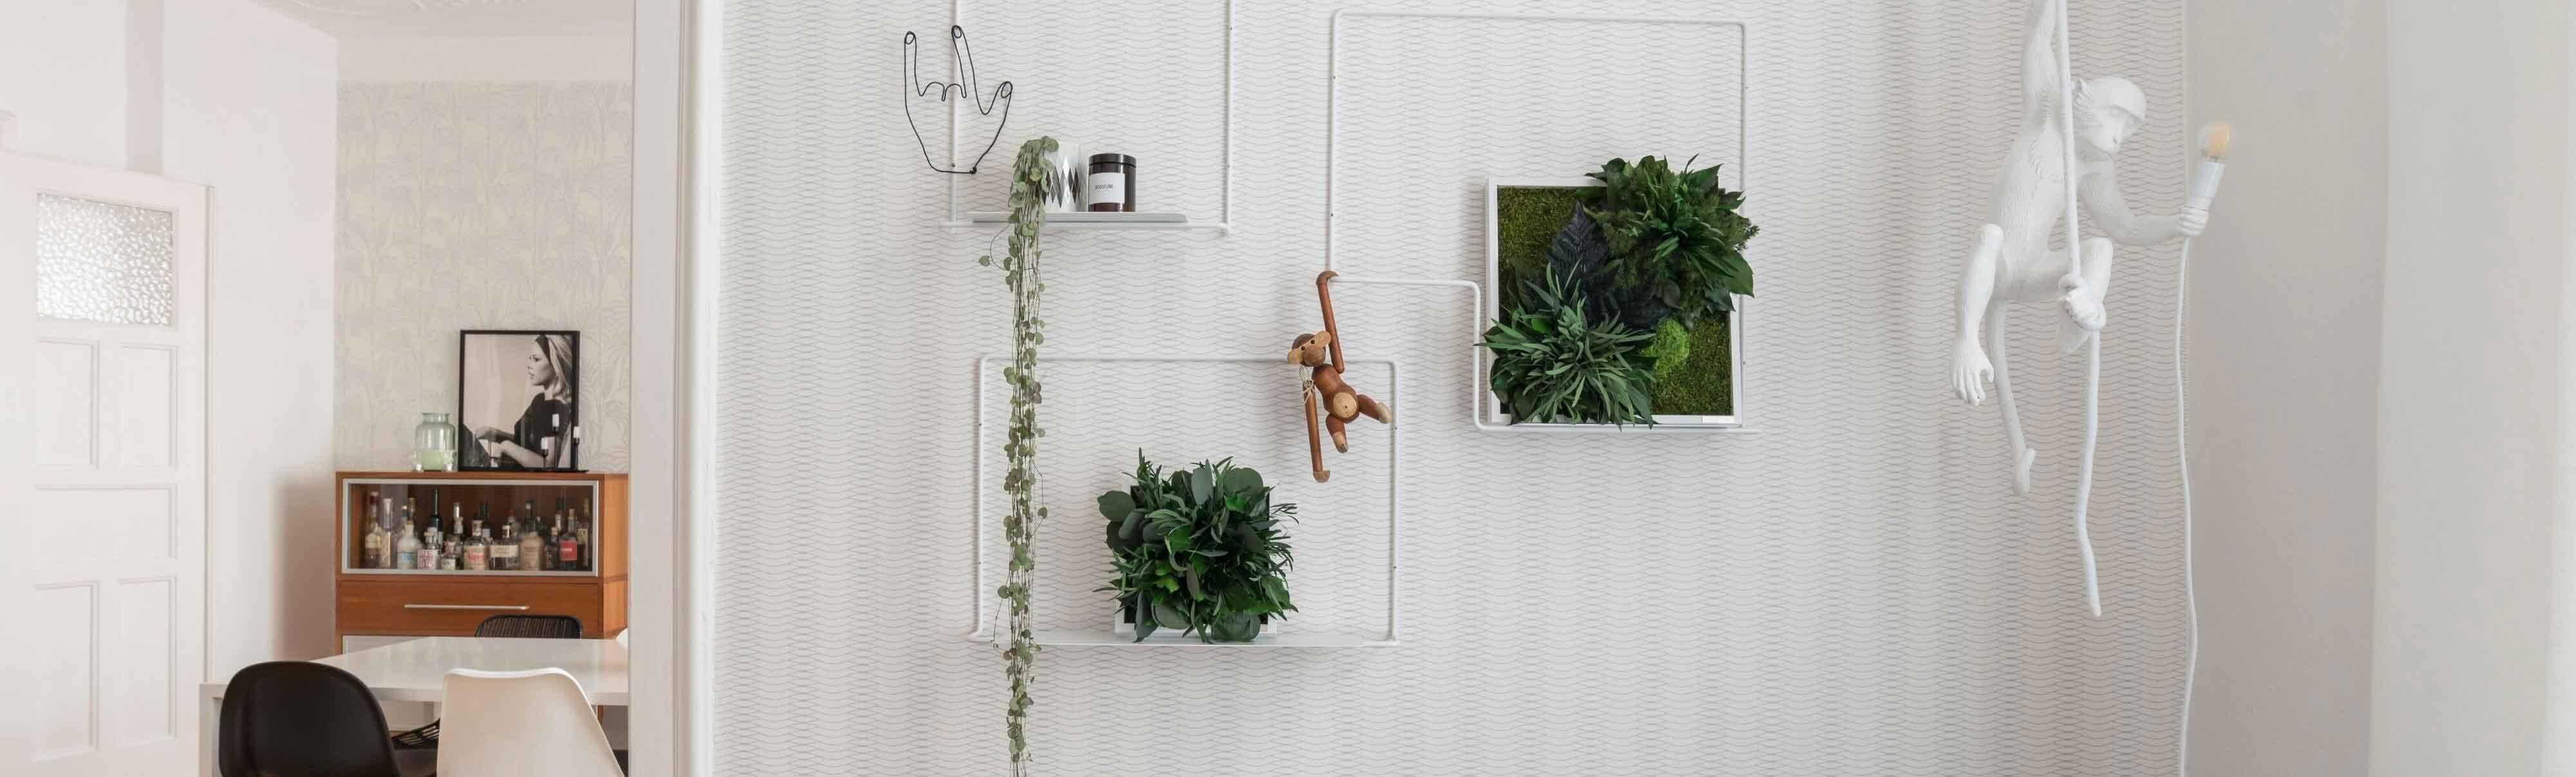 ambiente-pflanzenbilder